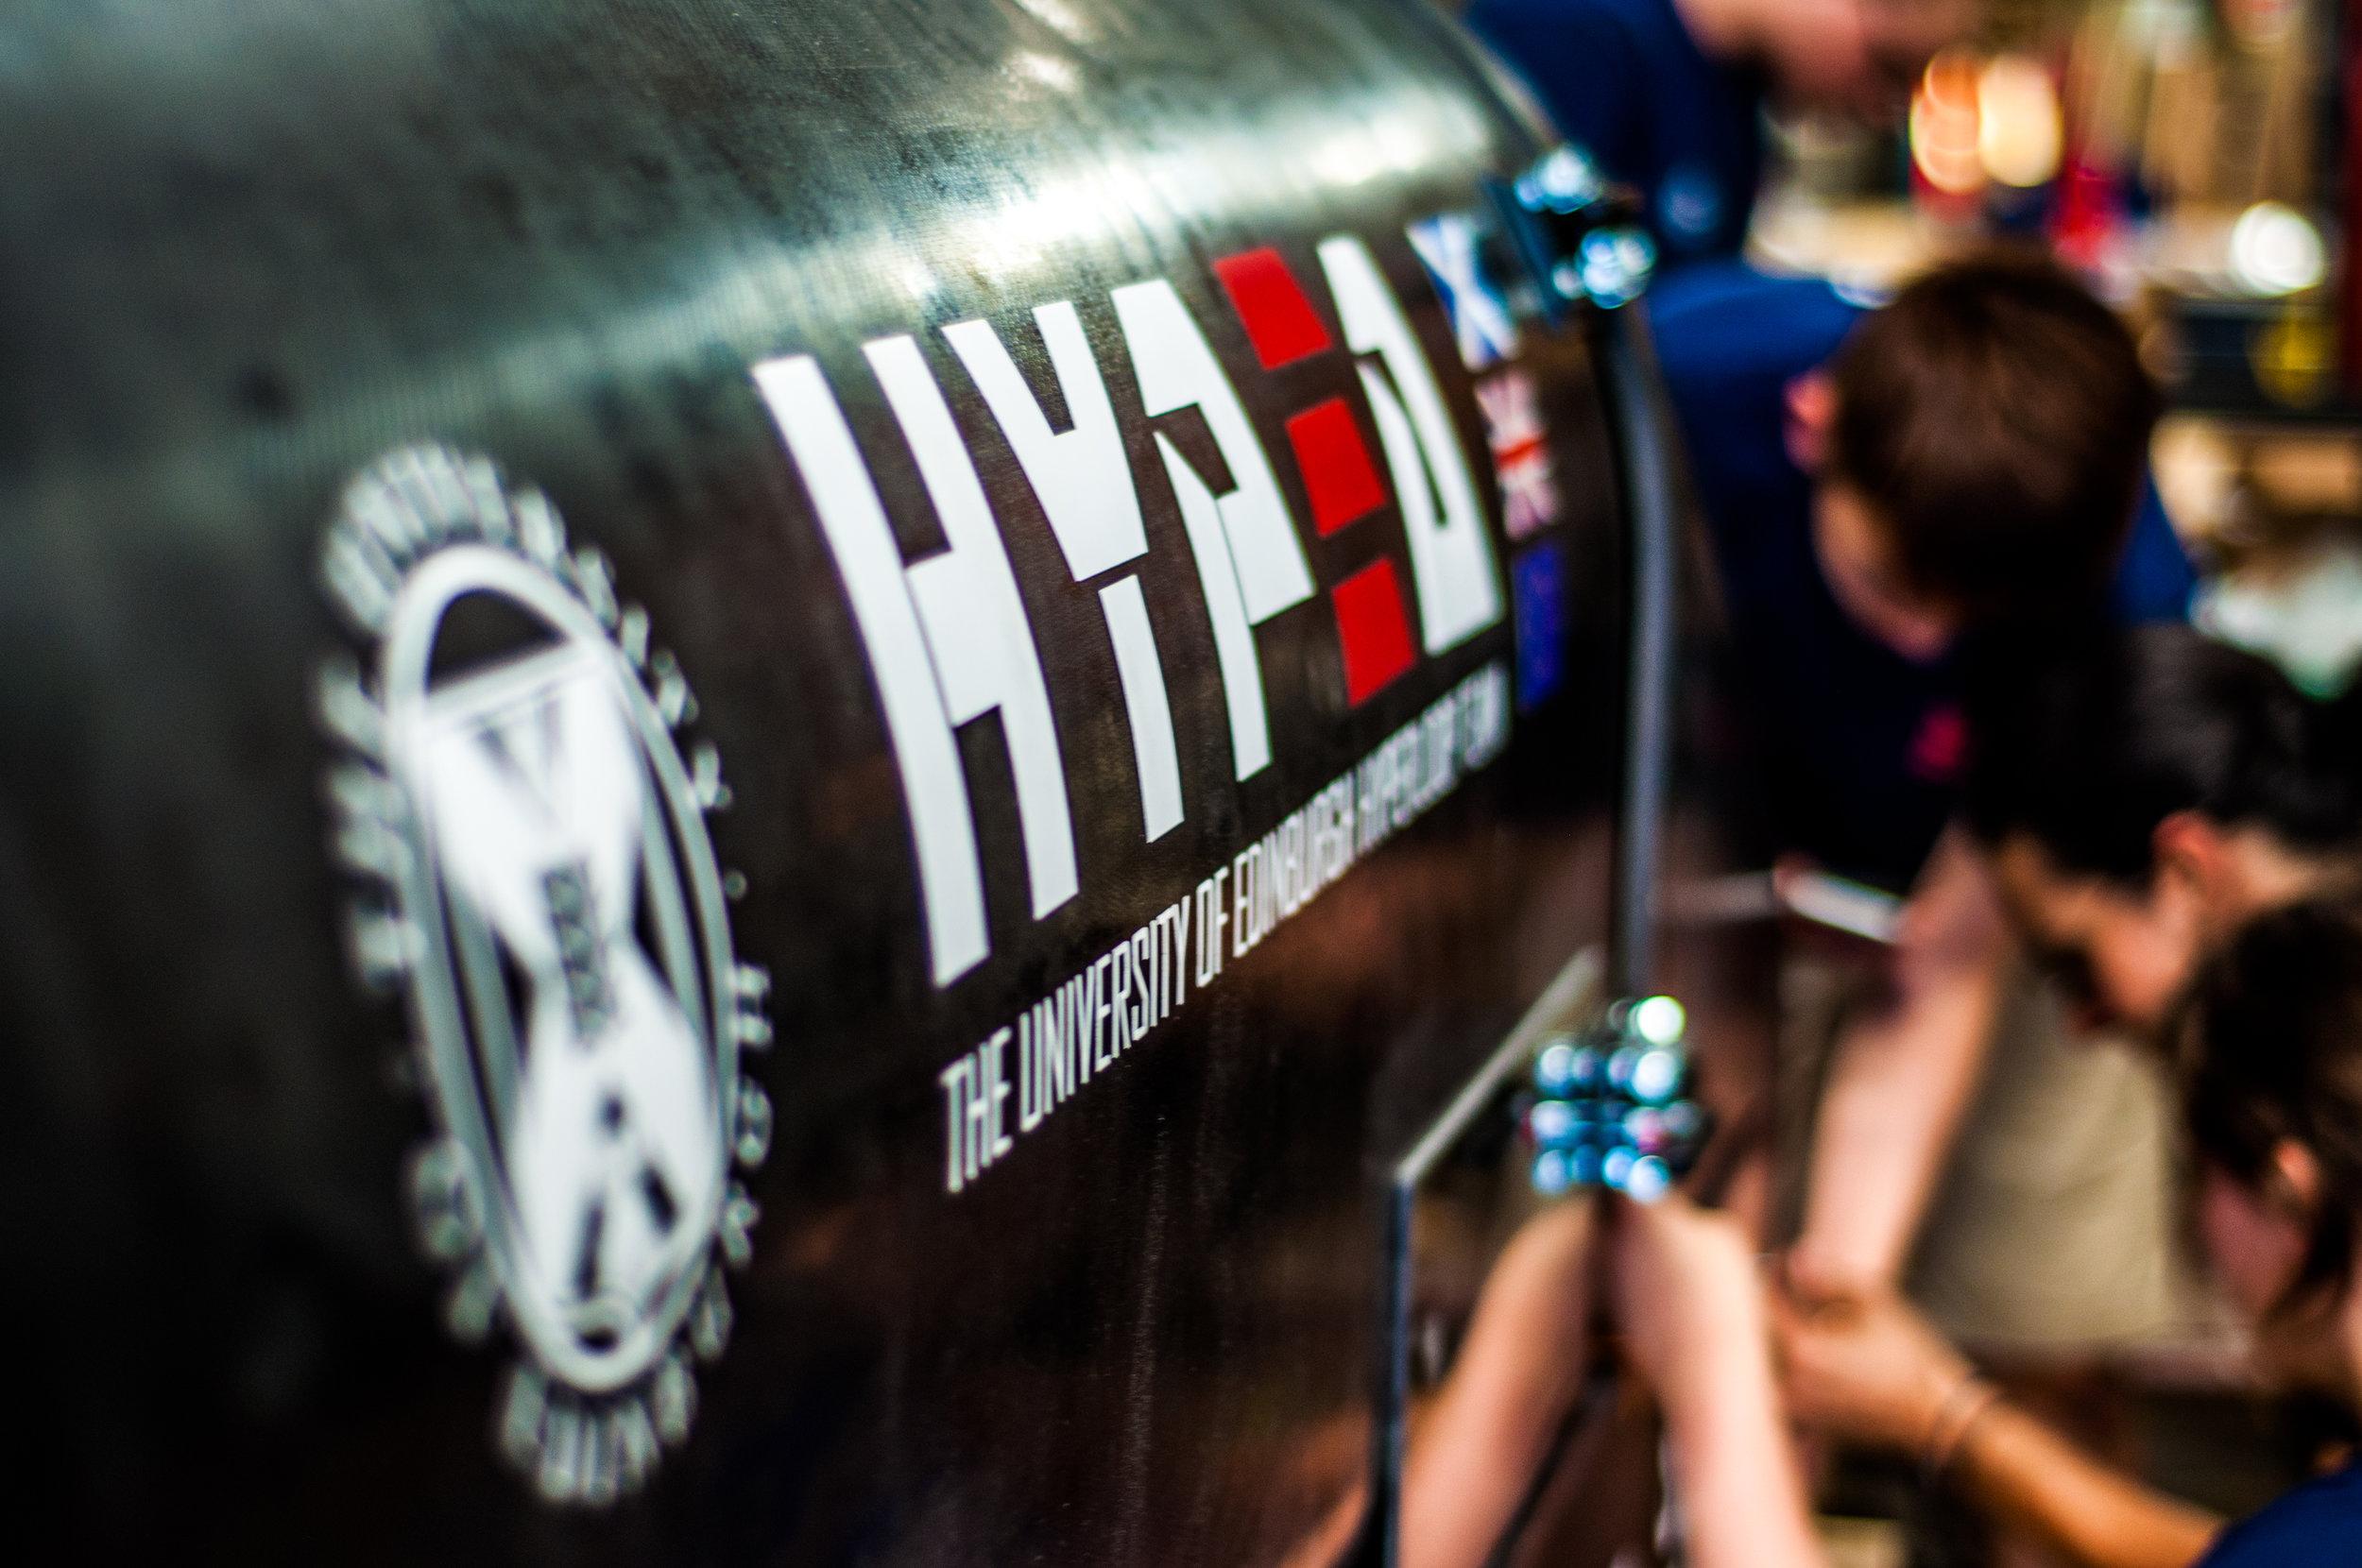 The University of Edinburgh Hyperloop Team   SPACEX FINALISTS • VIRGIN HYPERLOOP ONE WINNERS